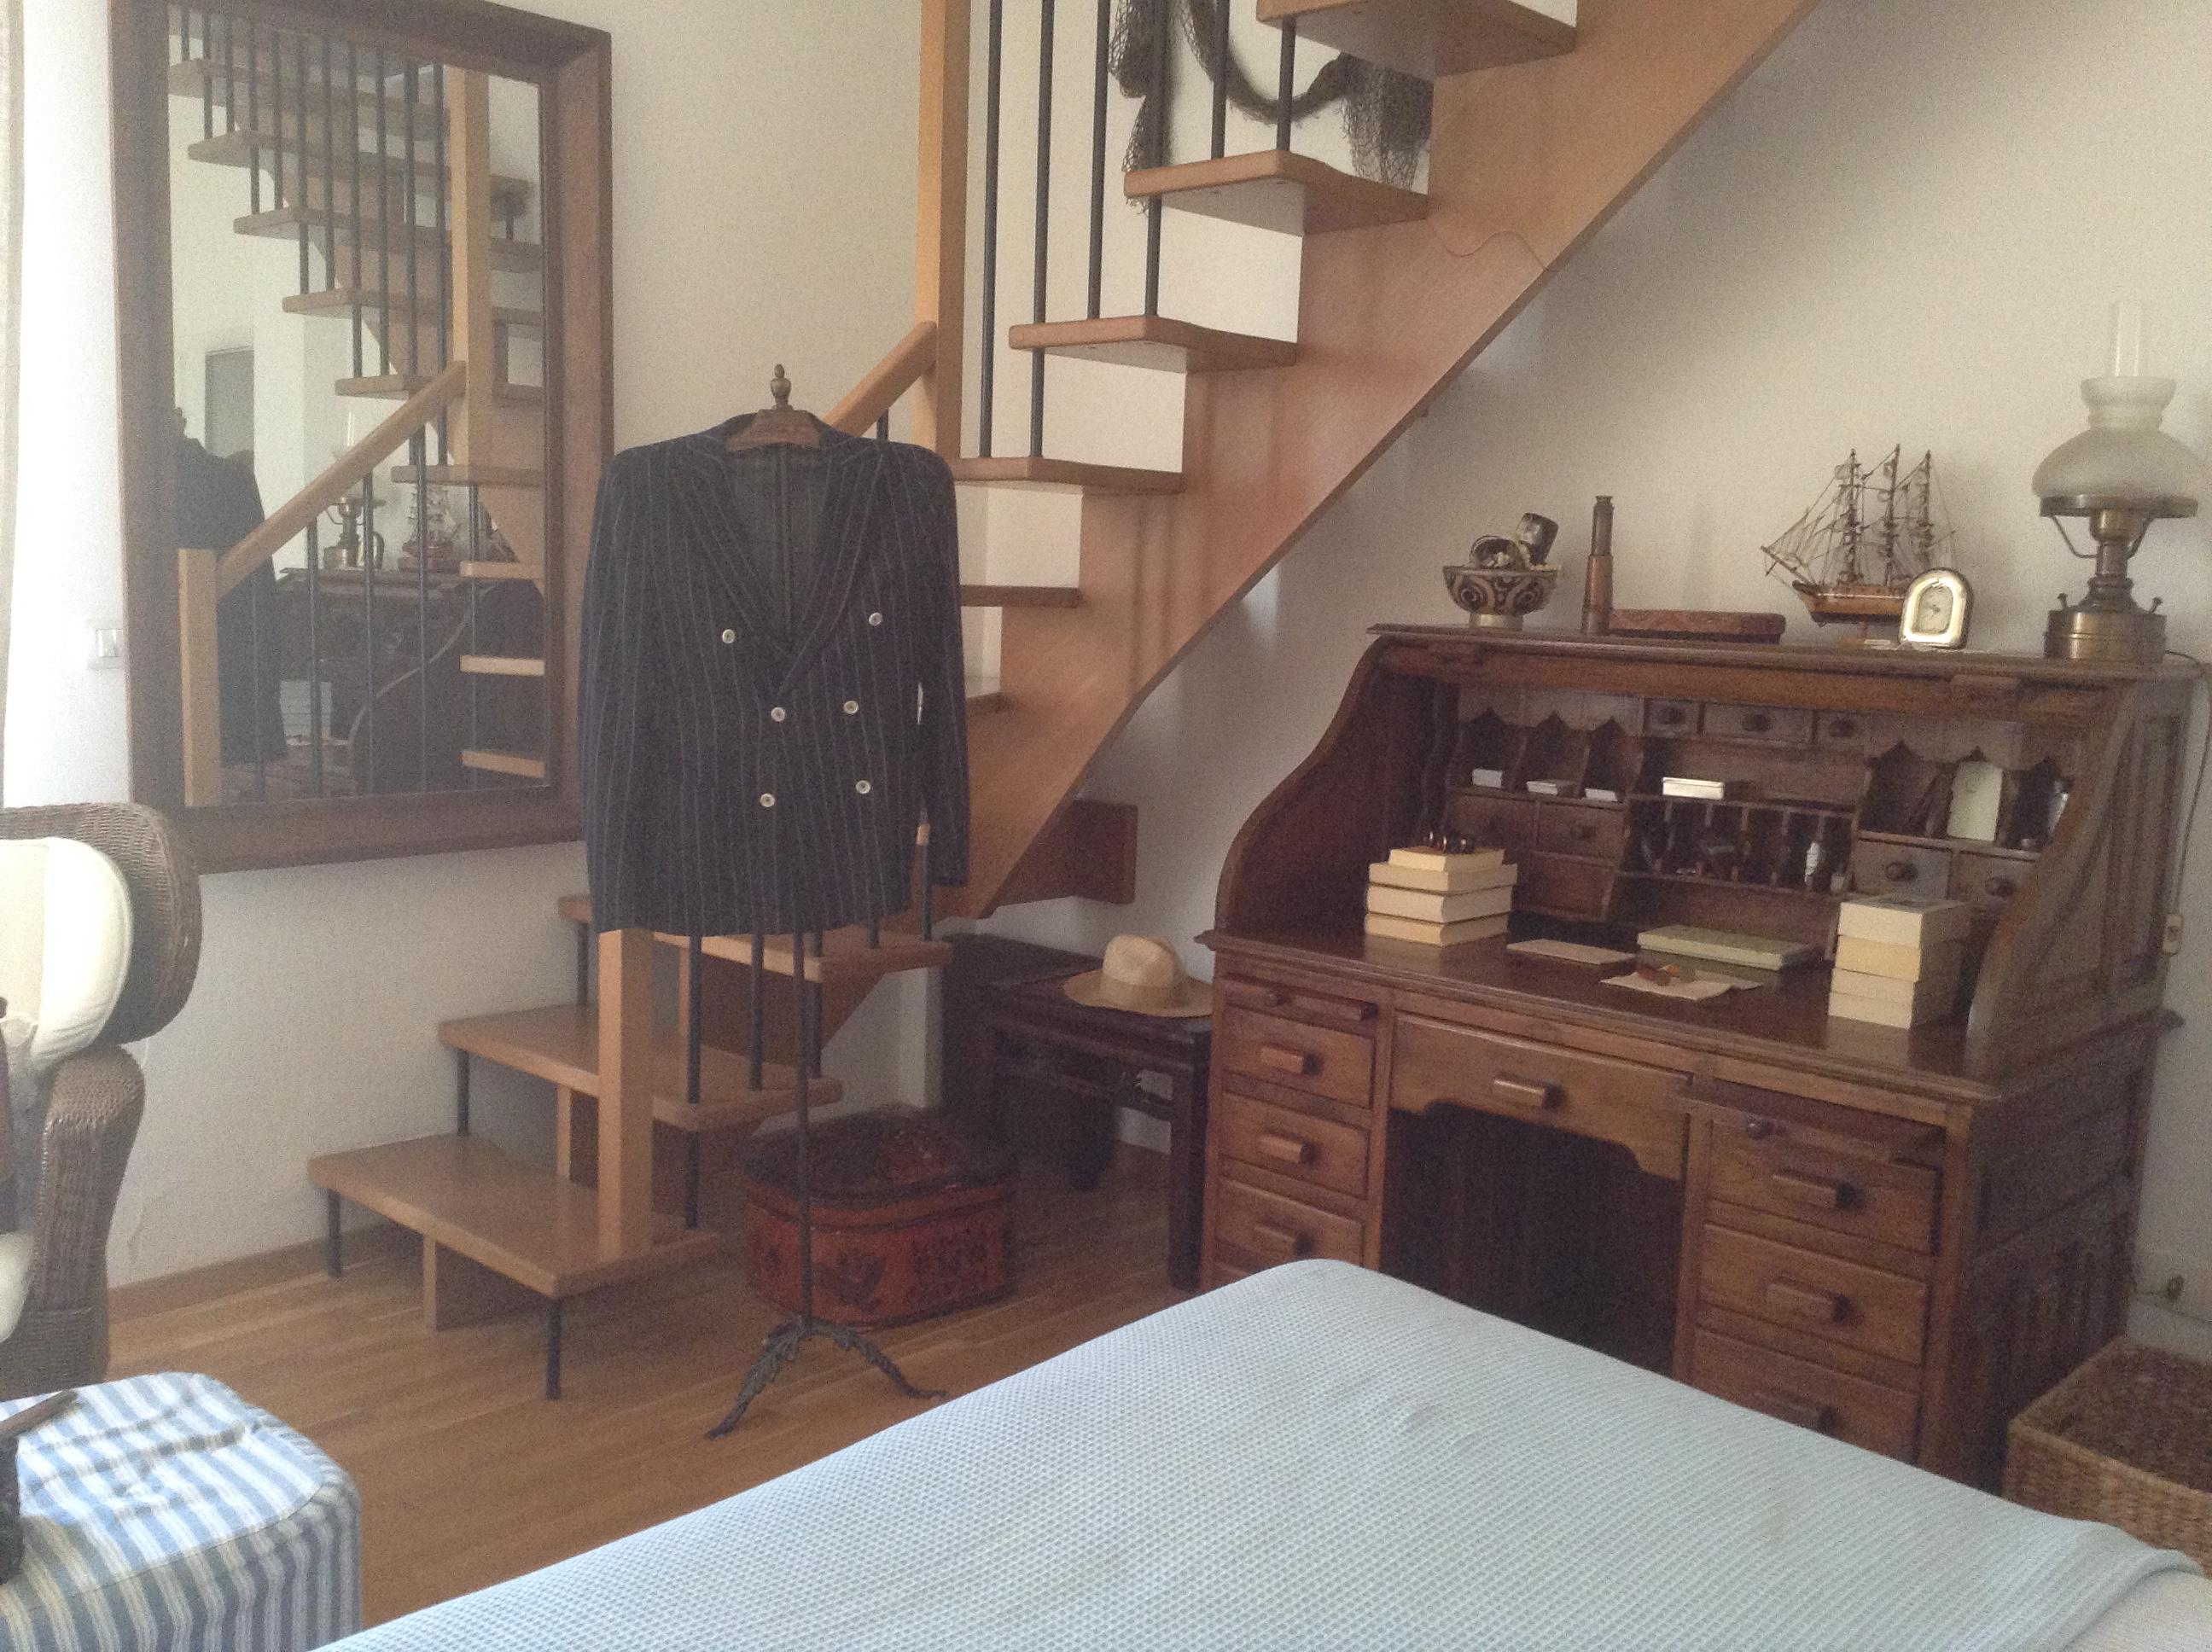 Arredamento camera da letto stile provenzale arredamento con mobili decape mobili dipinti a - Arredamento camera da letto stile provenzale ...